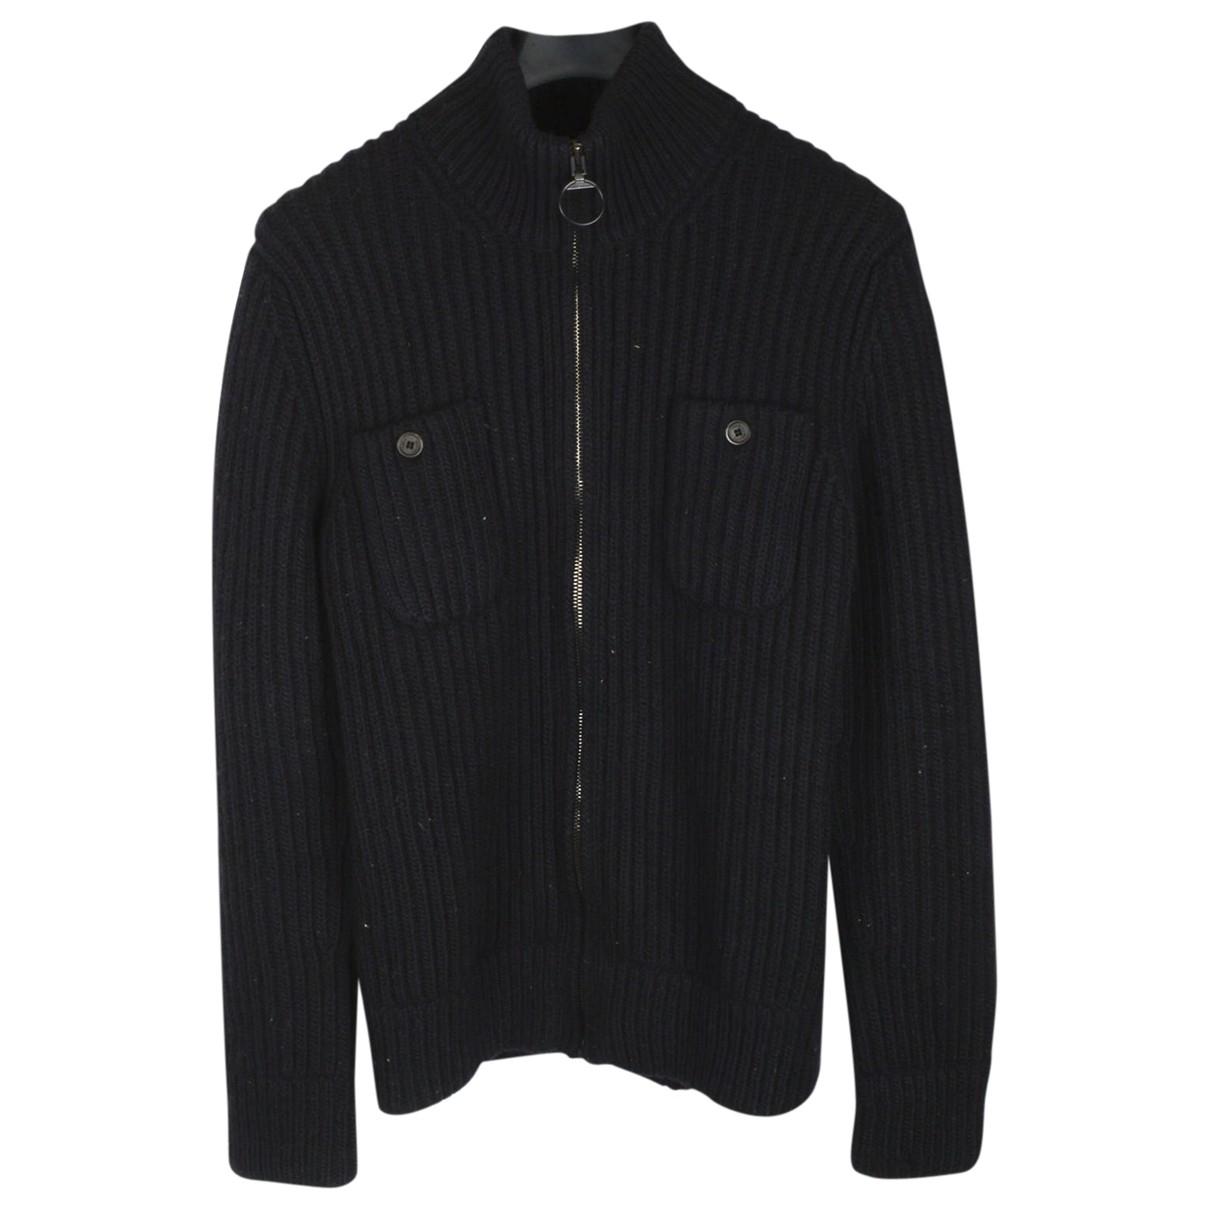 Louis Vuitton - Pulls.Gilets.Sweats   pour homme en laine - noir